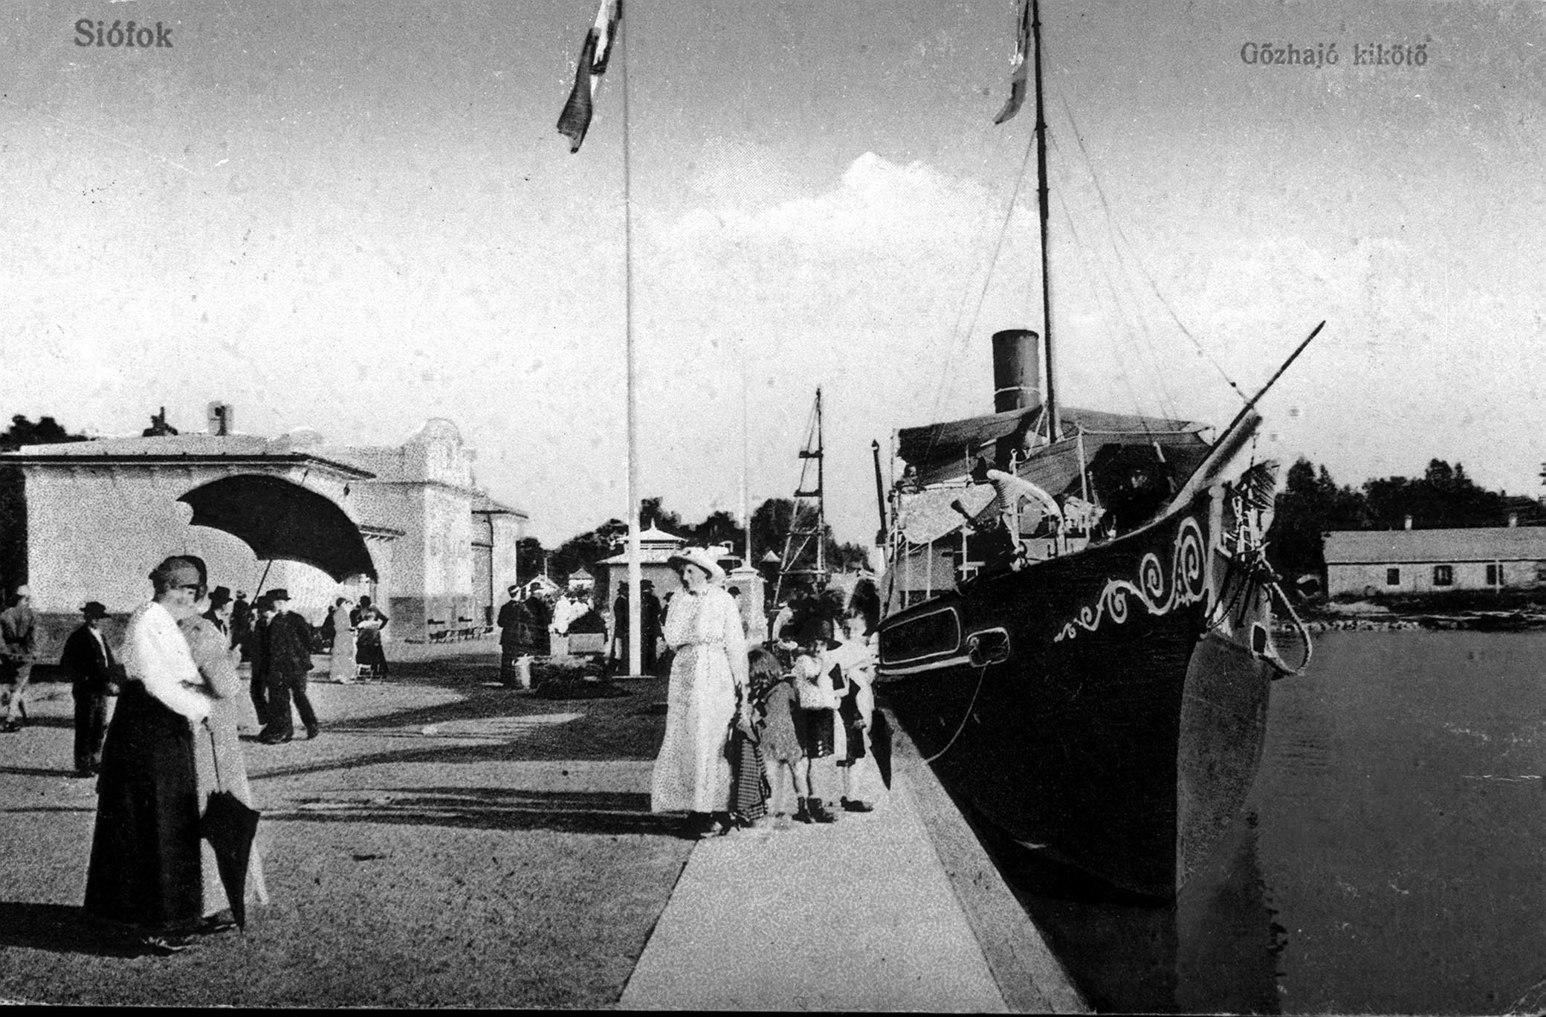 Budapest, 1987. január 18. Pesten 1846 áprilisában Széchenyi István elnökletével megalakult a Balaton Gőzhajózási Társaság, melynek alapszabály-tervezetét Kossuth írta. Az első balatoni gőzhajót szeptember 21-én - Széchenyi 55. születésnapján -  bocsátották vízre. A képen: a siófoki kikötő 1916-ban. MTI Fotó